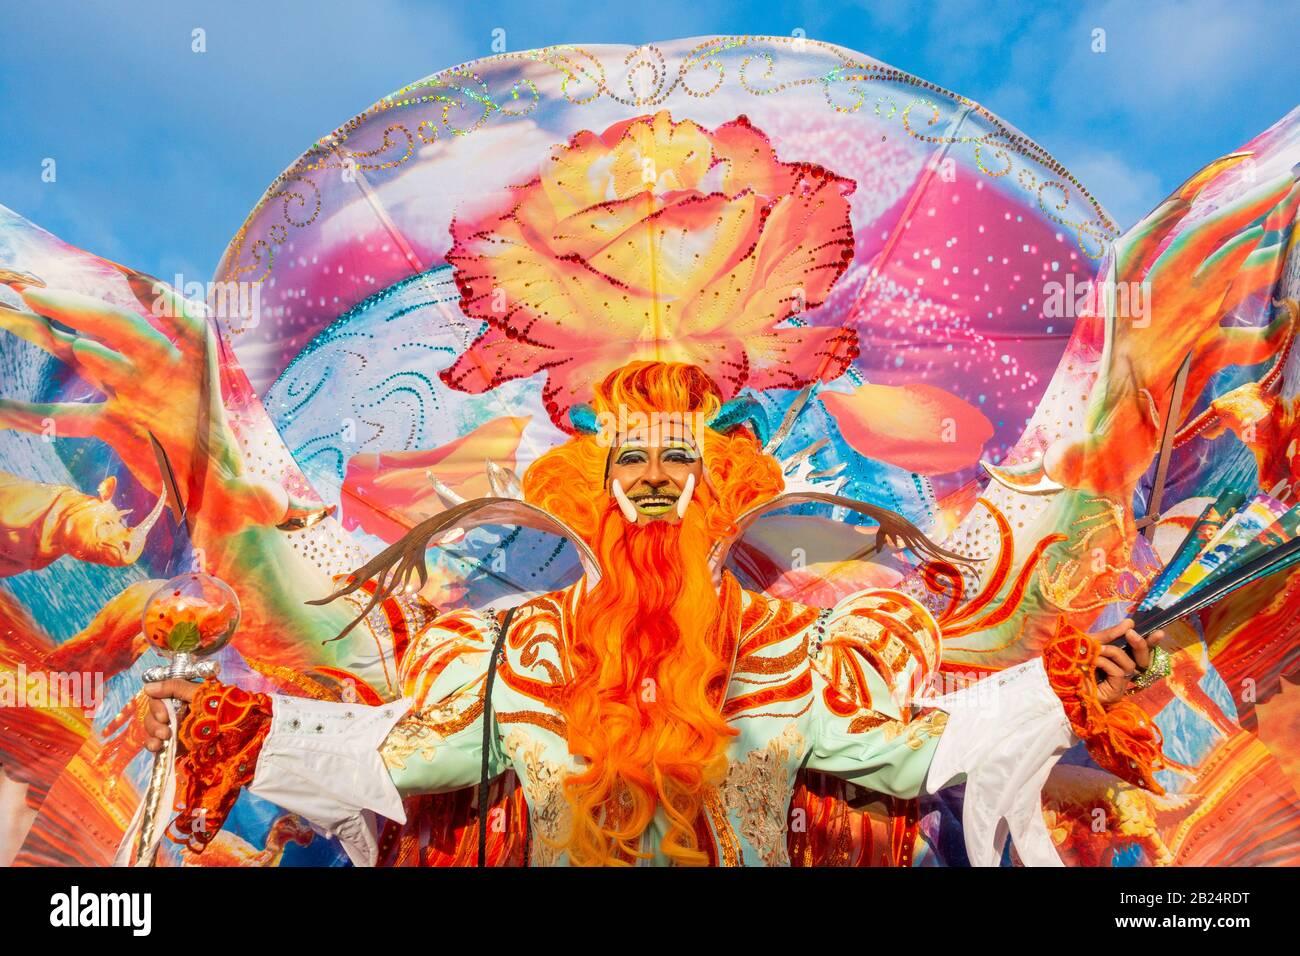 Las Palmas, Gran Canaria, Islas Canarias, España. 29 de febrero de 2020. Miles de personas disfrazadas de lujo en el enorme desfile callejero para marcar el final de la temporada de carnaval de las Palmas, la capital de Gran Canaria. Crédito: Alan Dawson/Alamy Live News Foto de stock